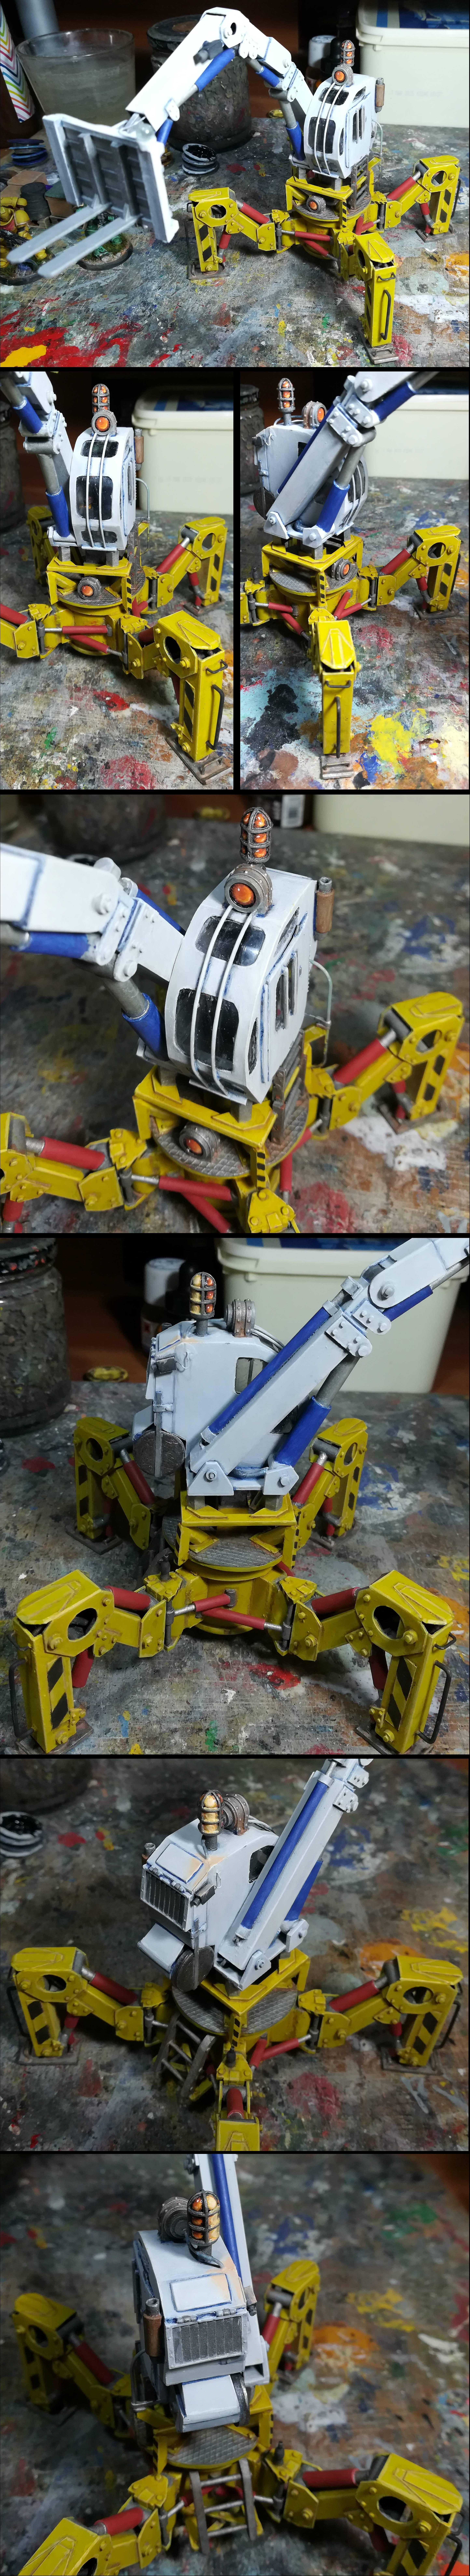 Forklift pip 6